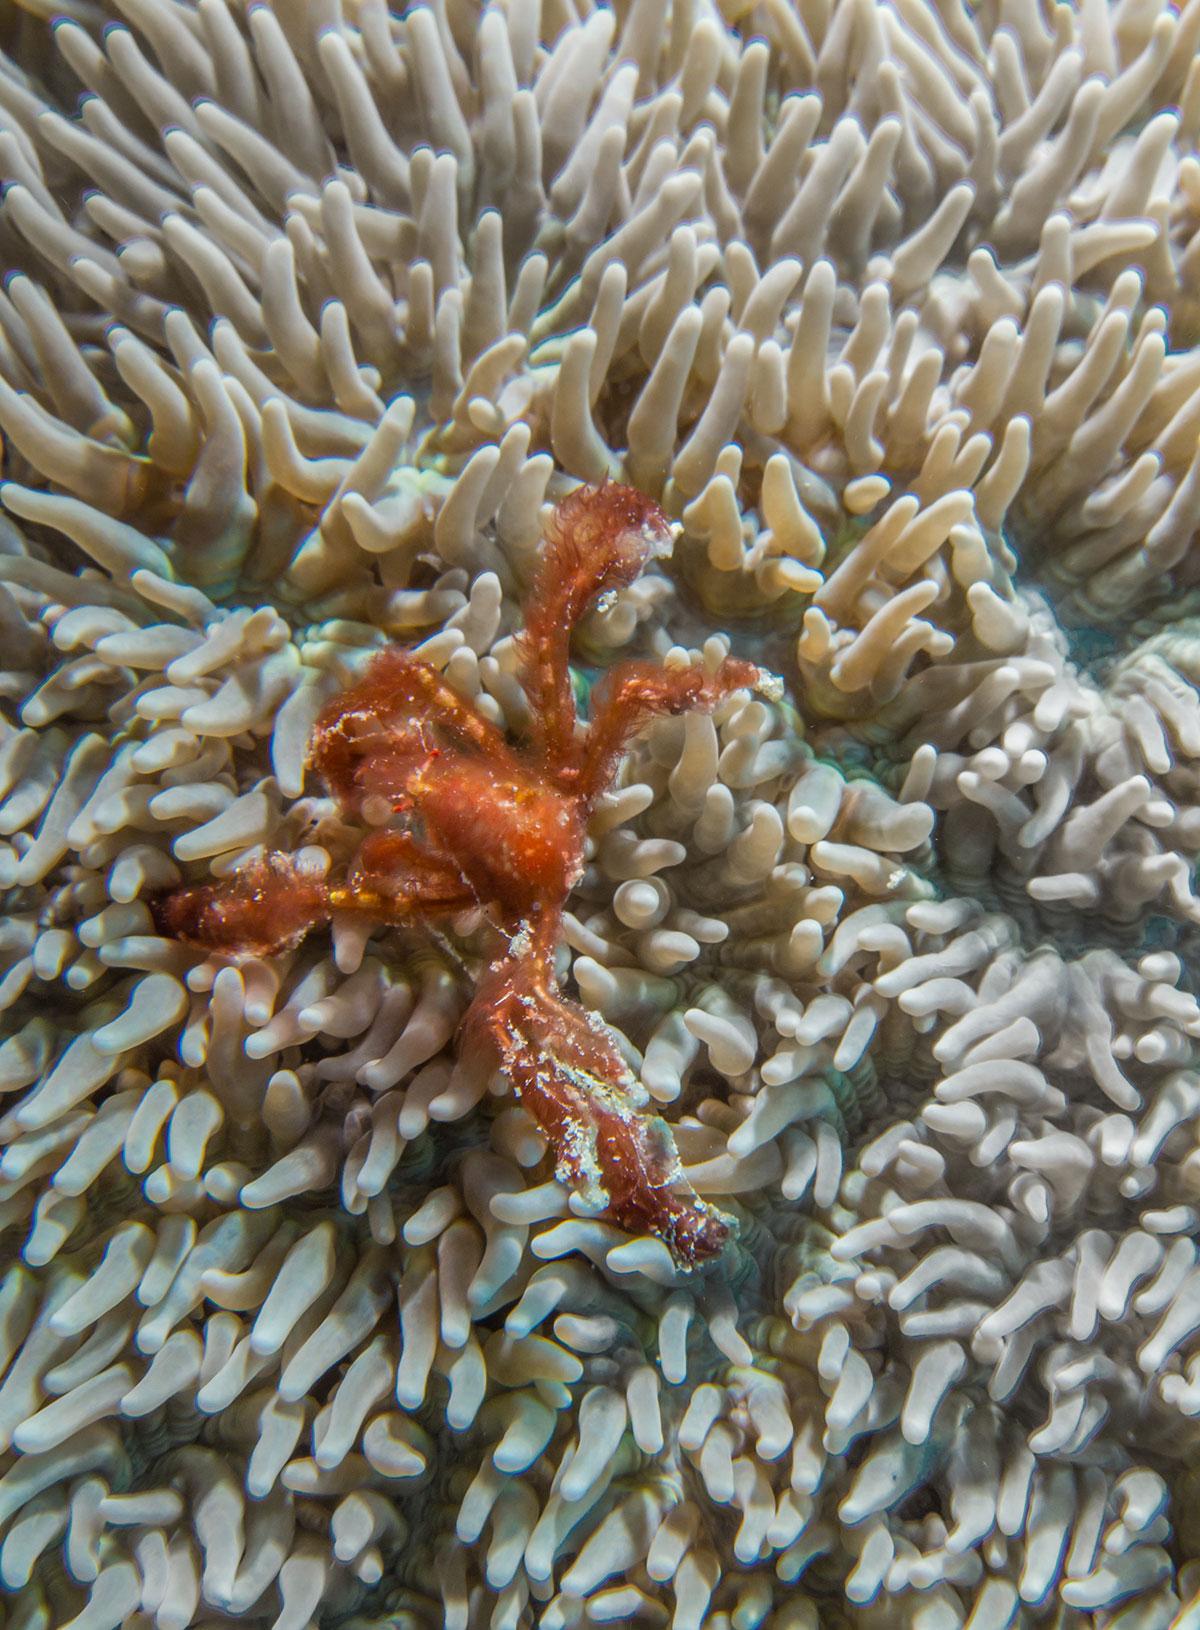 Orang Utan Crab, Bunaken Island, Manado, Indonesia